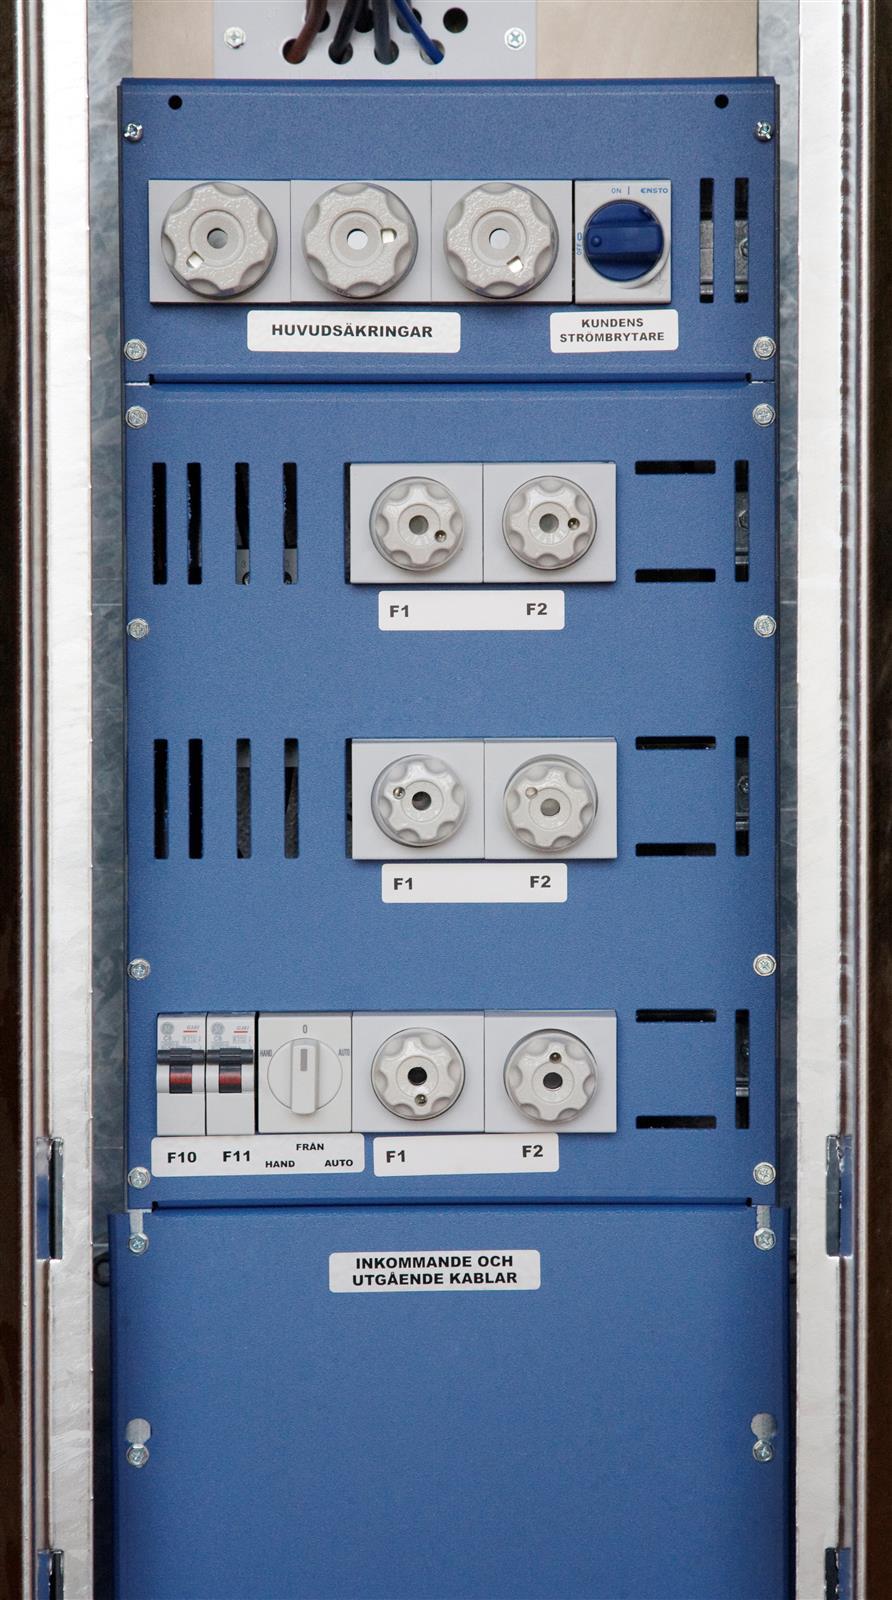 GB-ISATS E-GBI 63.02